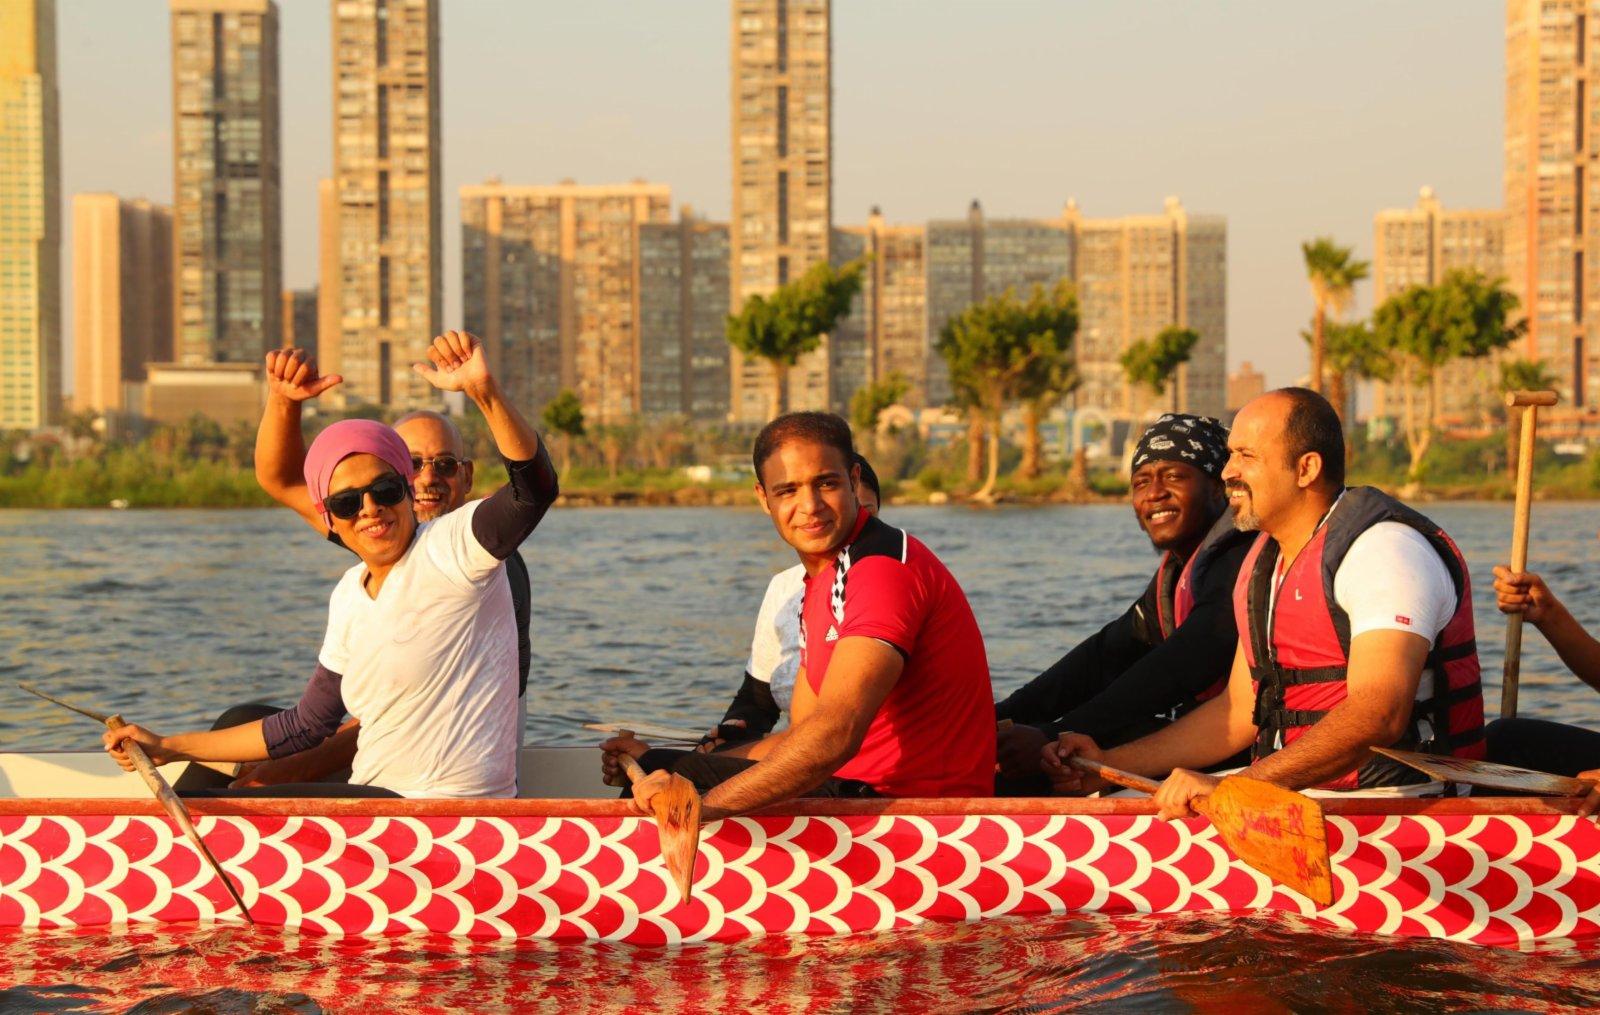 在埃及首都開羅,埃及龍舟文化體驗基地的龍舟隊在尼羅河上參加龍舟競賽。